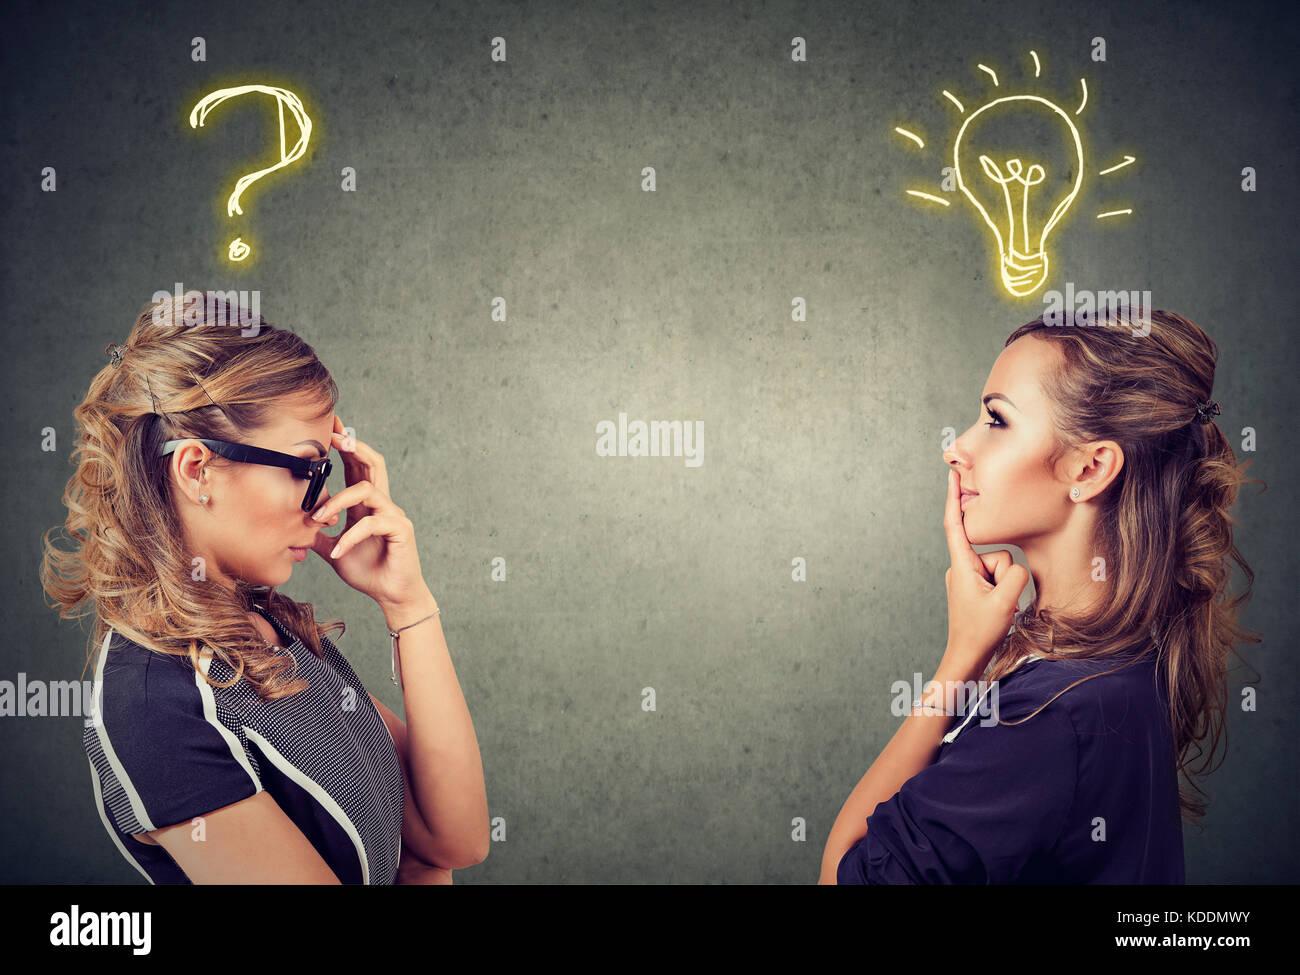 Dos mujeres pensando uno tiene una pregunta otra solución con bombilla sobre la cabeza aislado sobre fondo Imagen De Stock